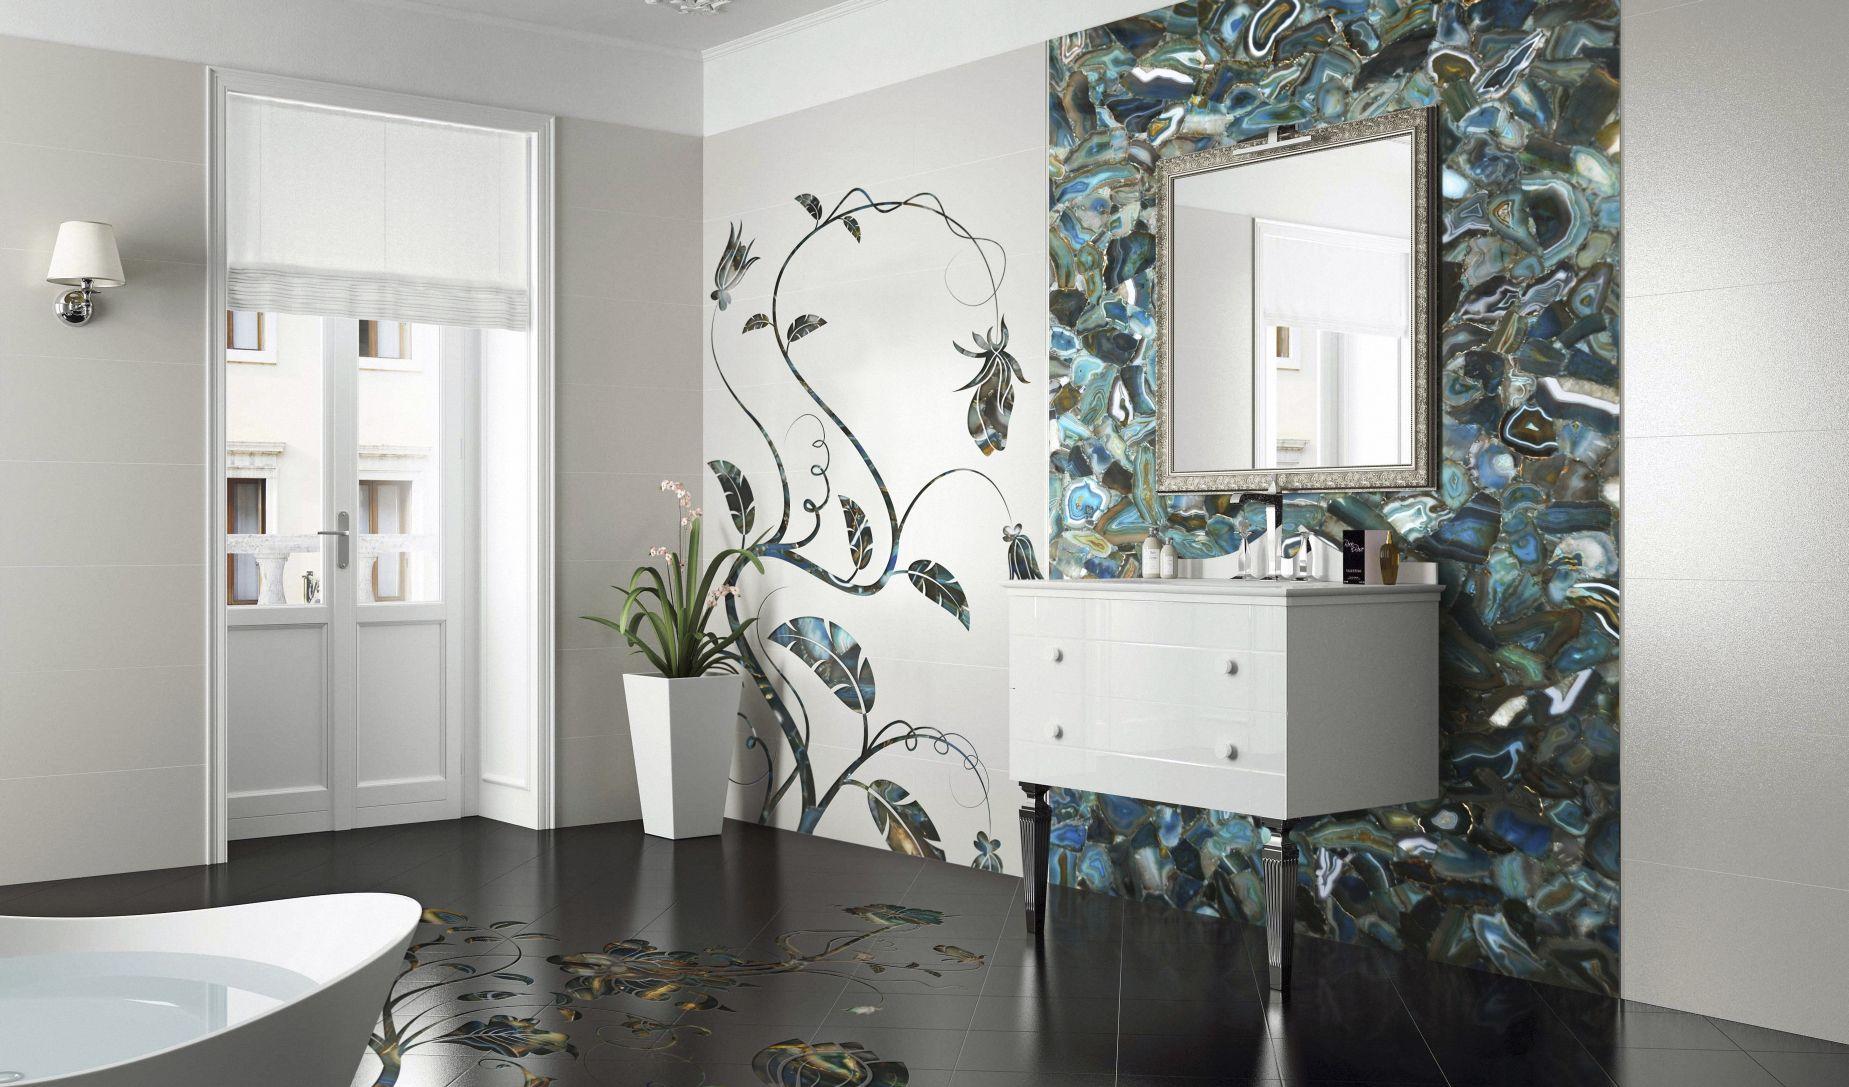 agate delta decorative wall